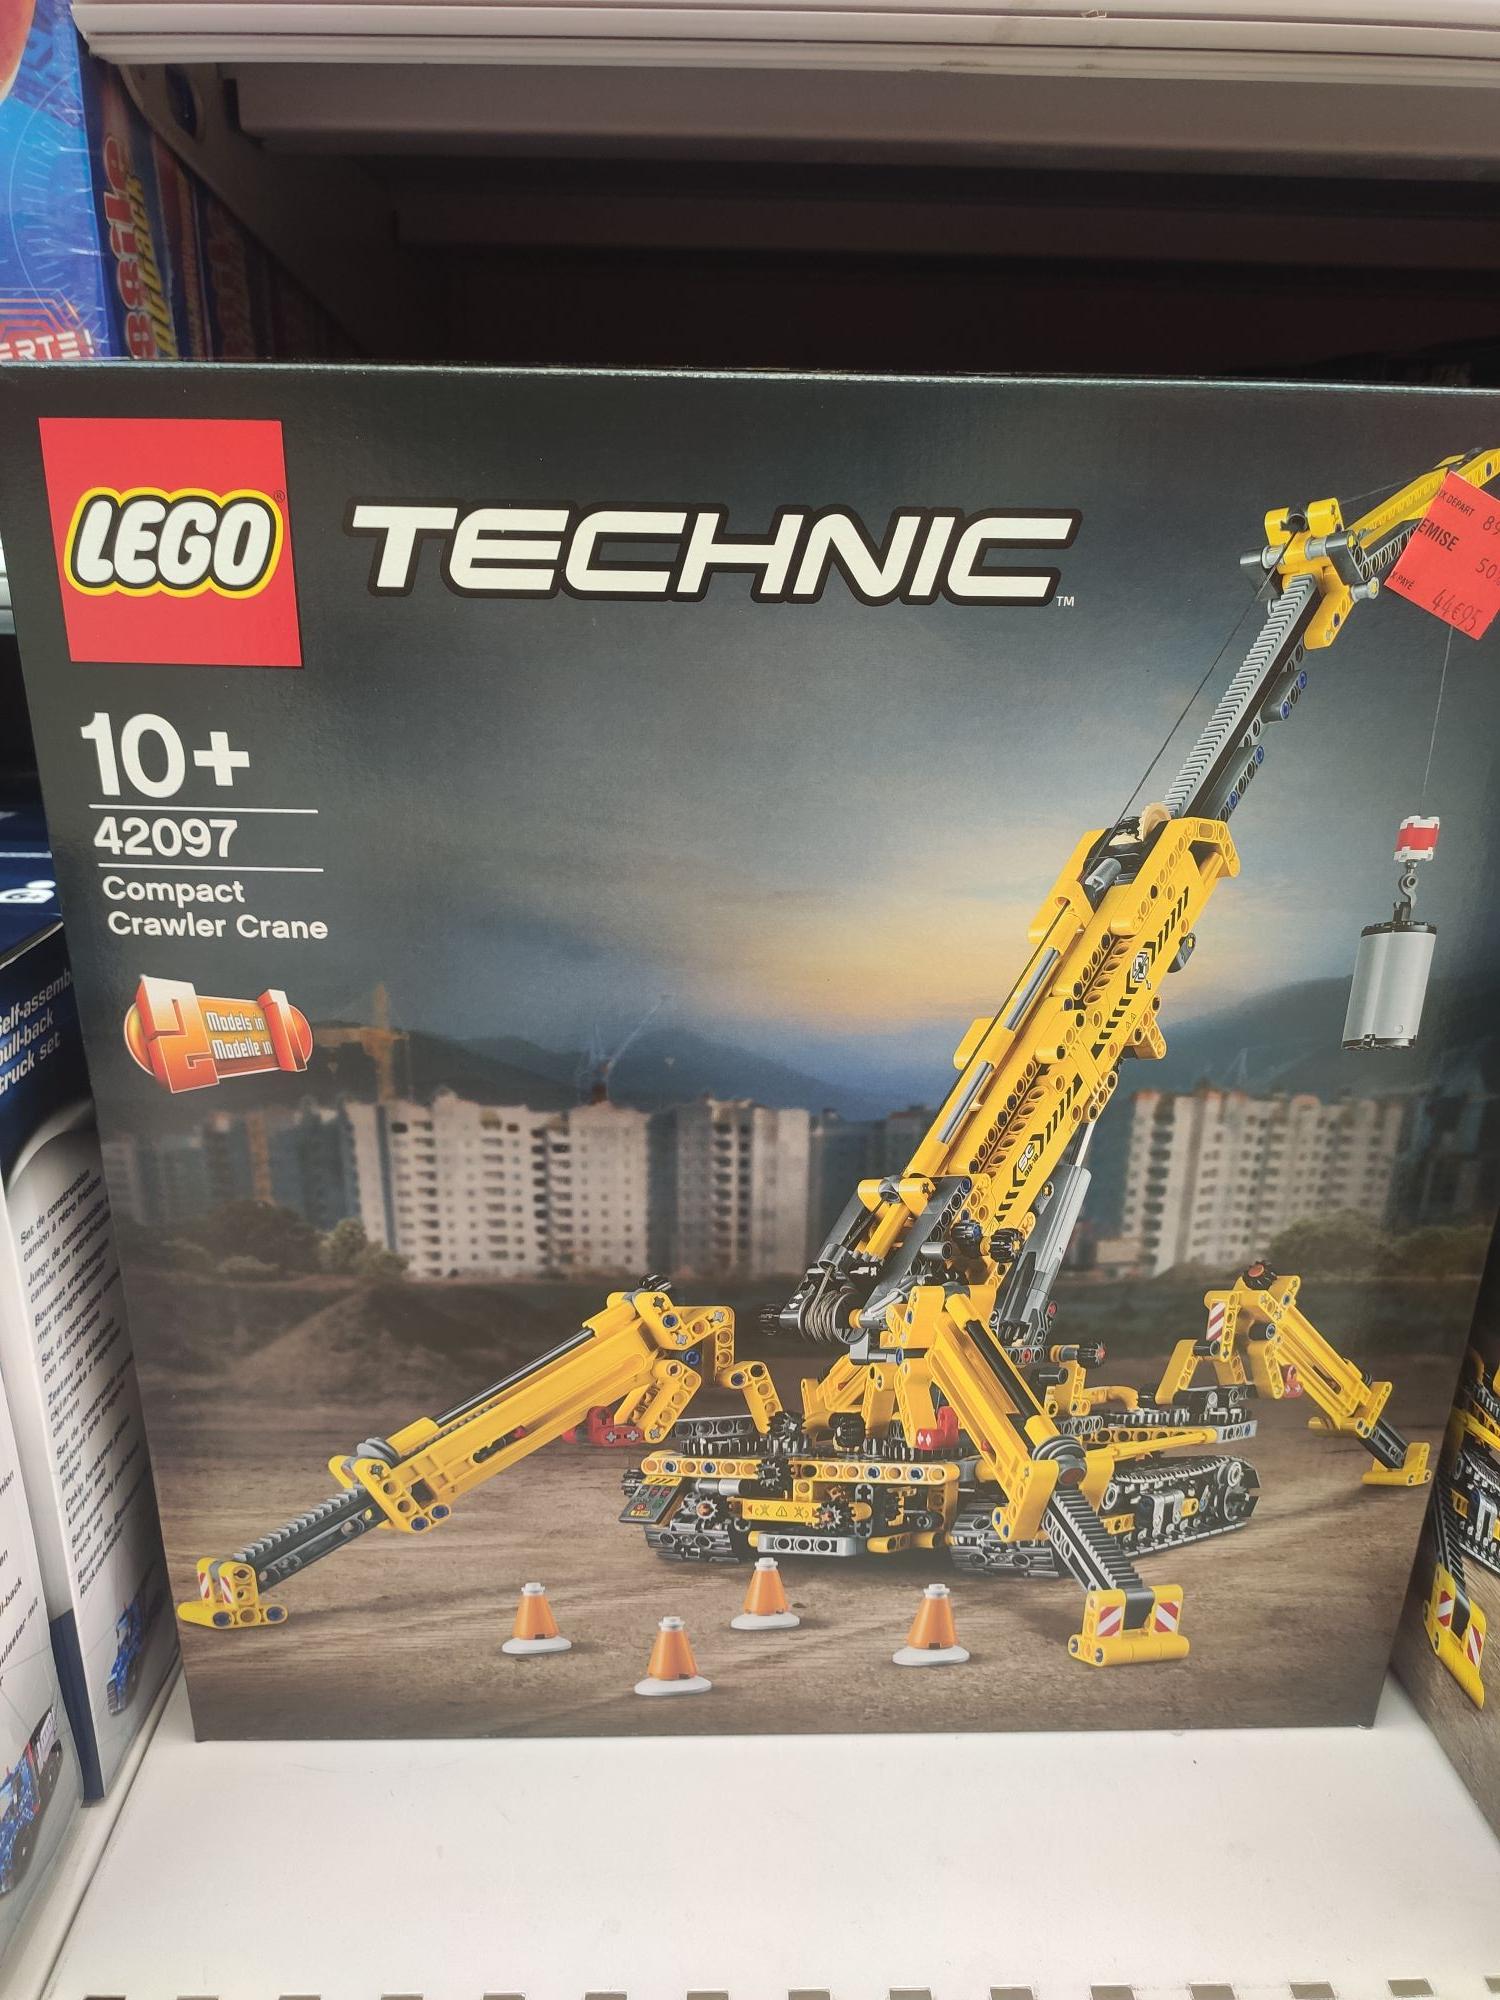 Sélection de Lego en promotion - Ex: Jouet Lego Technic 42097 Compact Crawler Crane (via 22.47€ sur la carte) - Nantes (44)